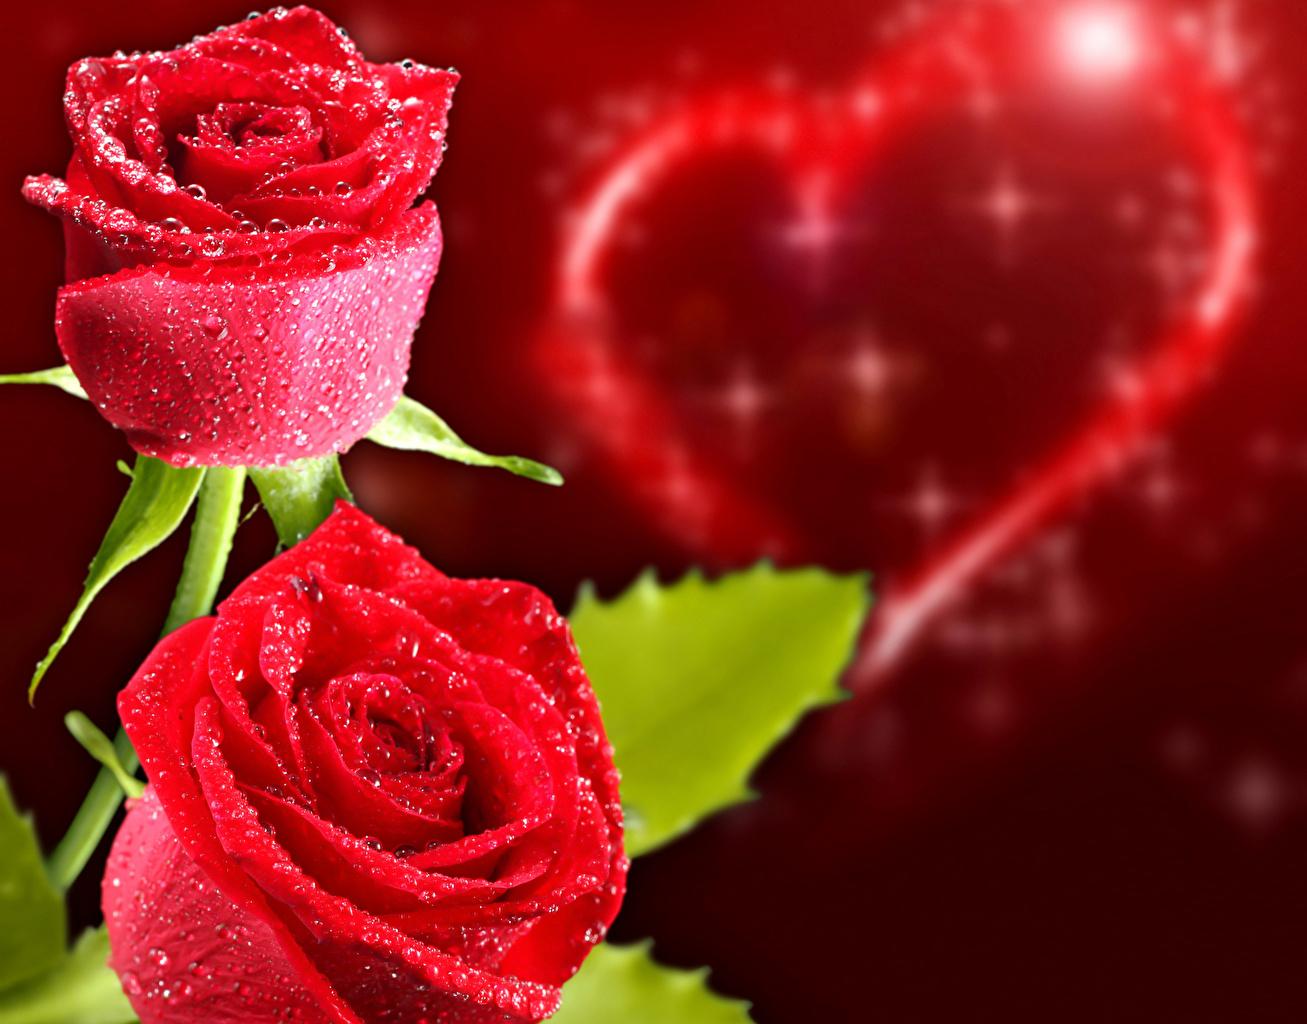 foto valentinstag herz rot rosen blumen feiertage großansicht